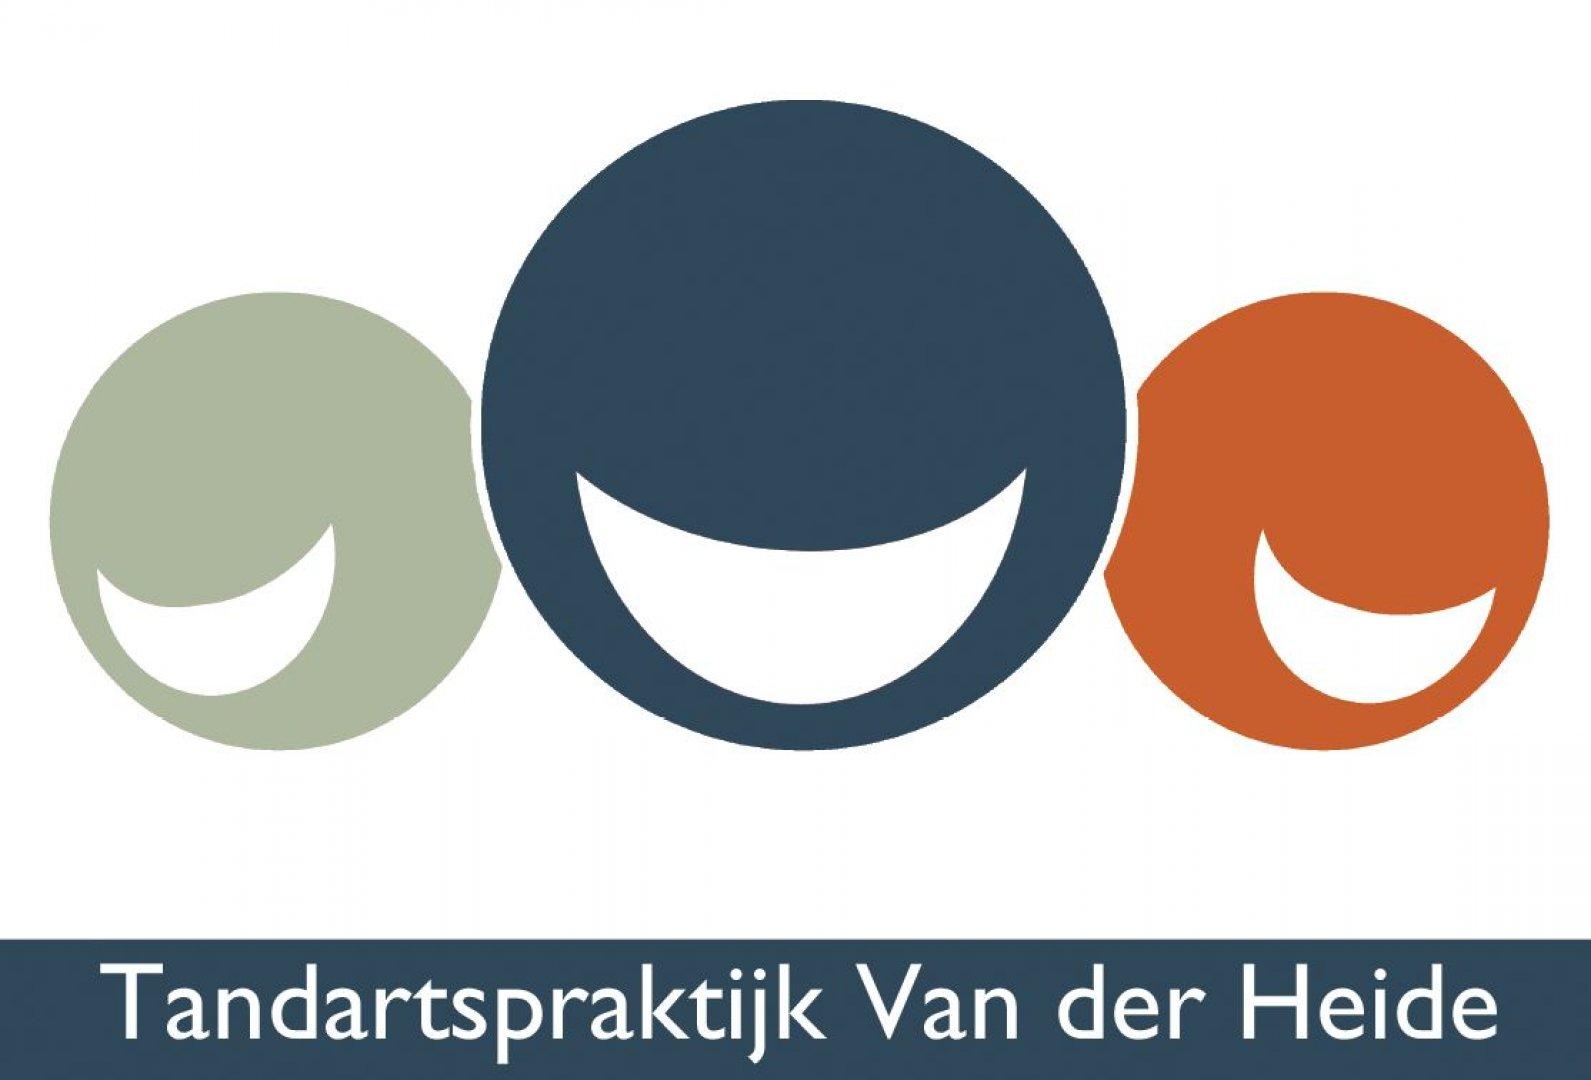 Tandartspraktijk Van der Heide